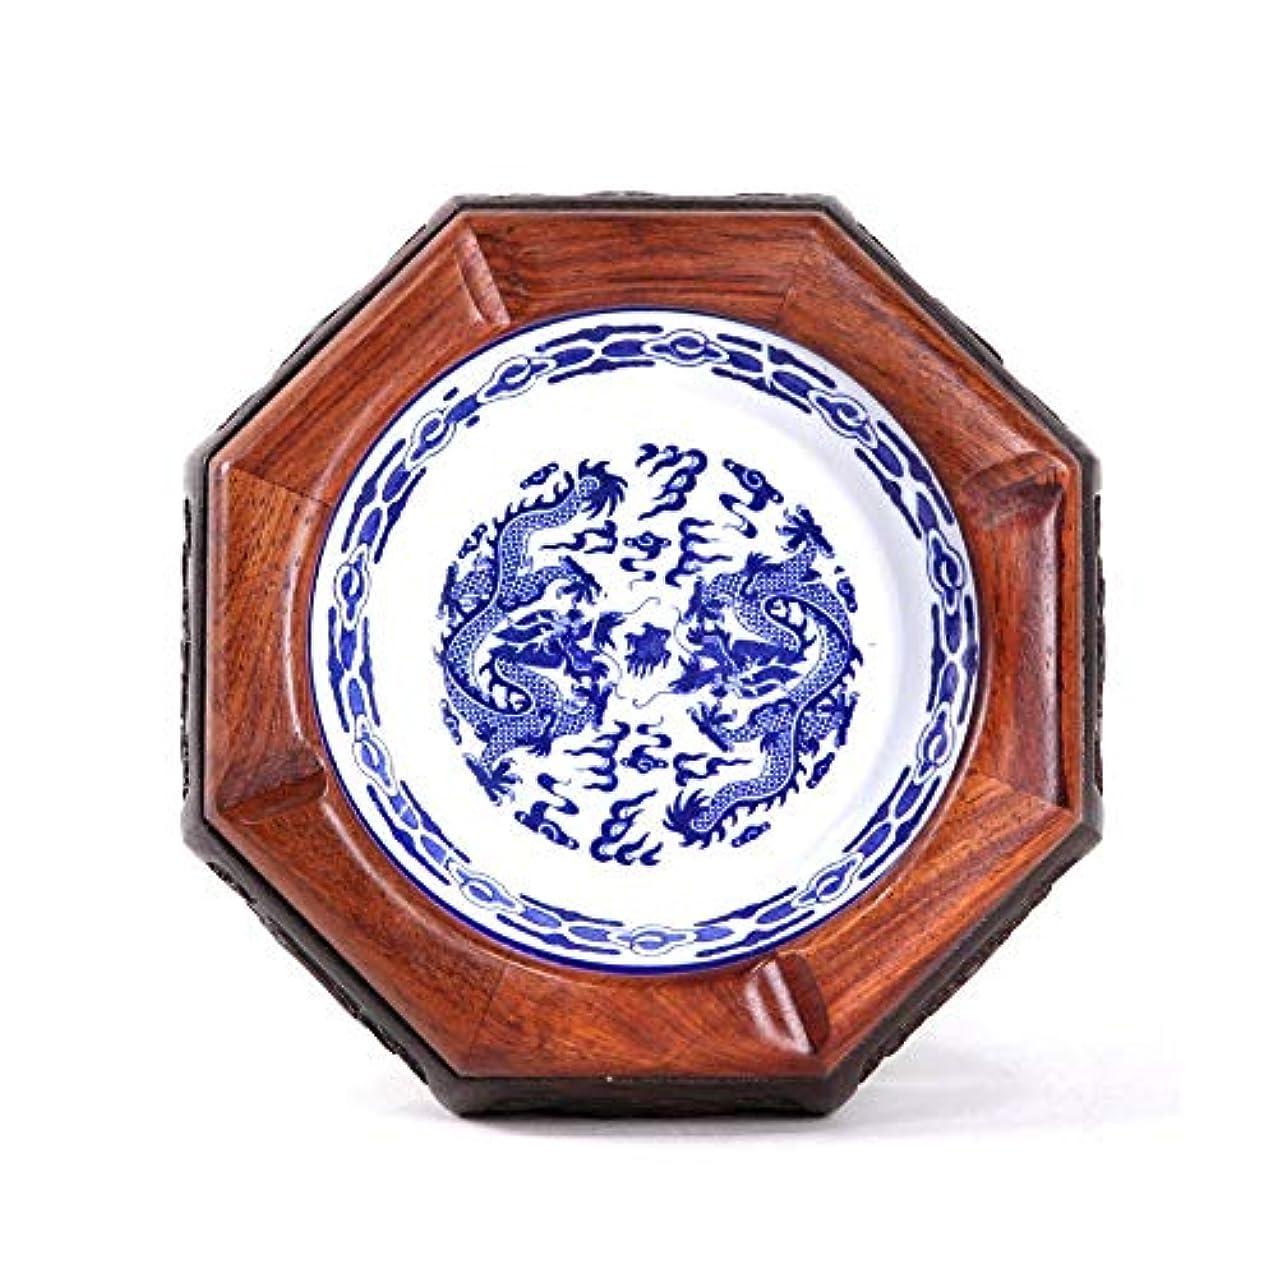 瞑想するファイバ成り立つオフィスの居間の灰皿、中国のレトロな陶磁器並ぶ木製の灰皿、家の屋内と屋外の庭のエレガントな灰皿 (色 : L)